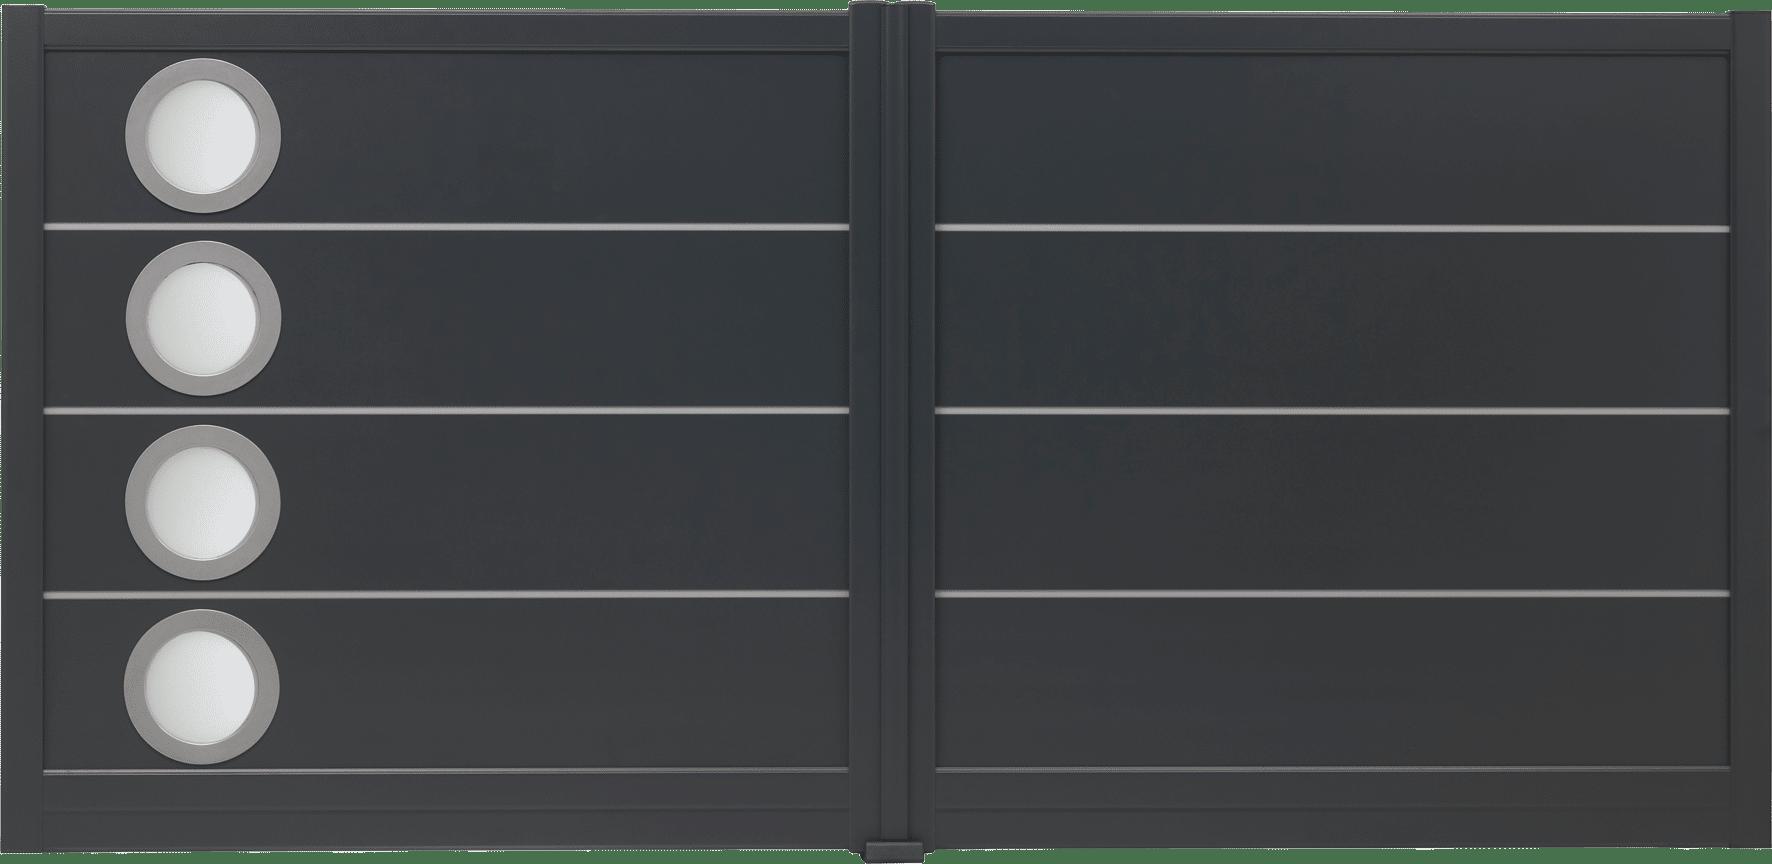 Clôture aluminium Milonga - Les modèles contemporains   Charuel 3b156929ecdf